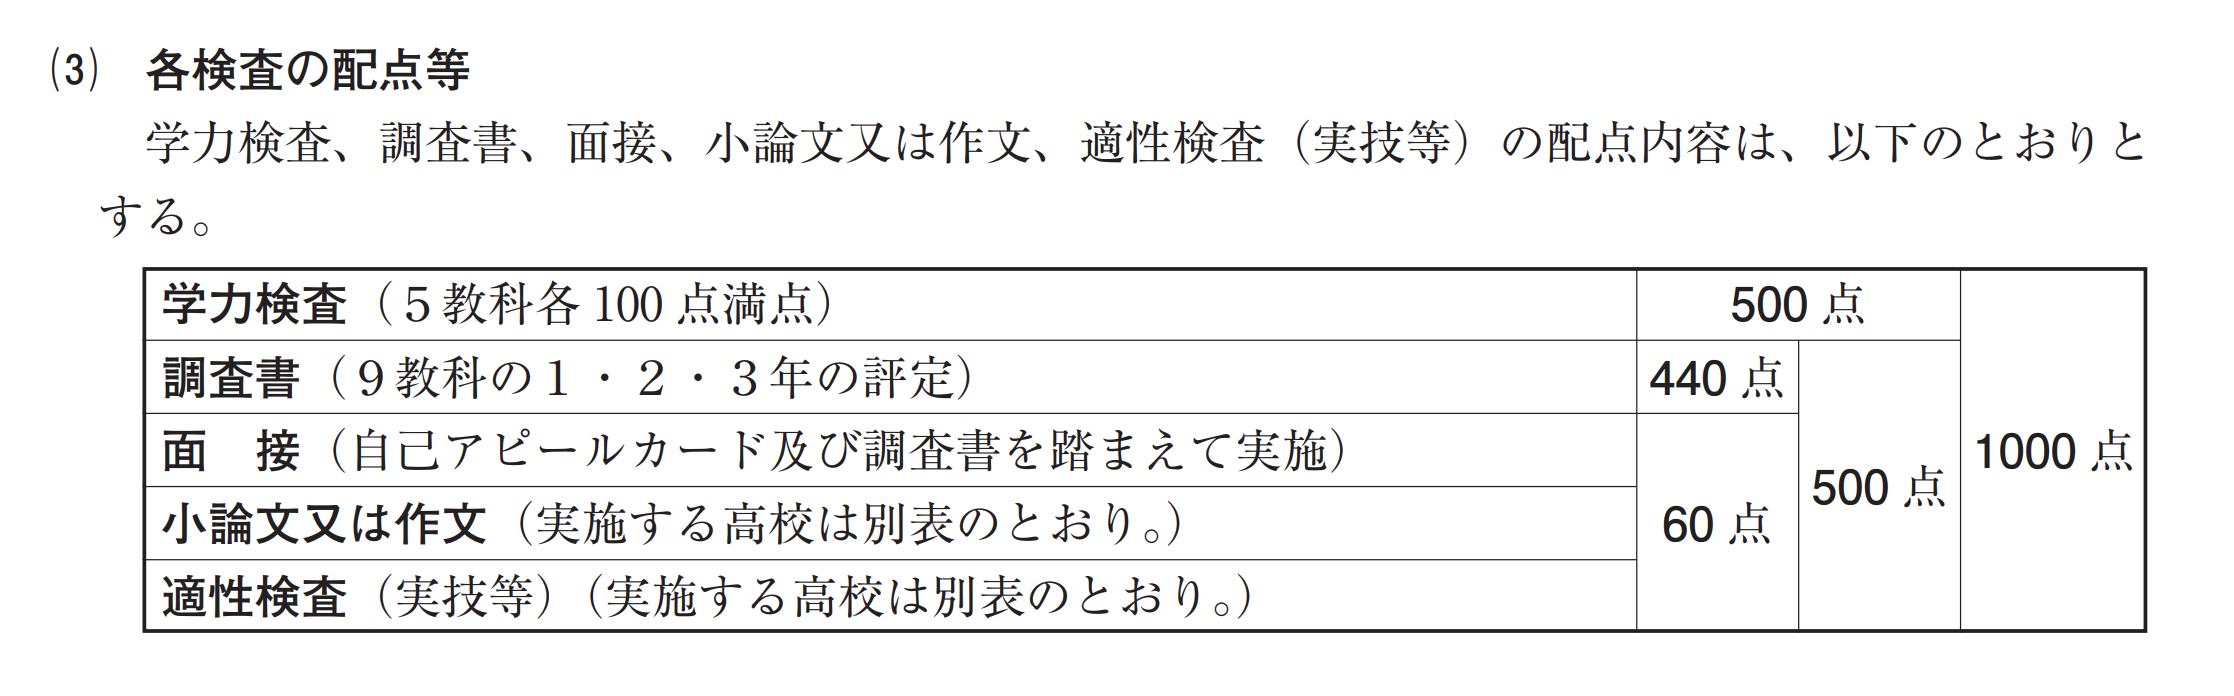 岩手県公立高校入試制度1